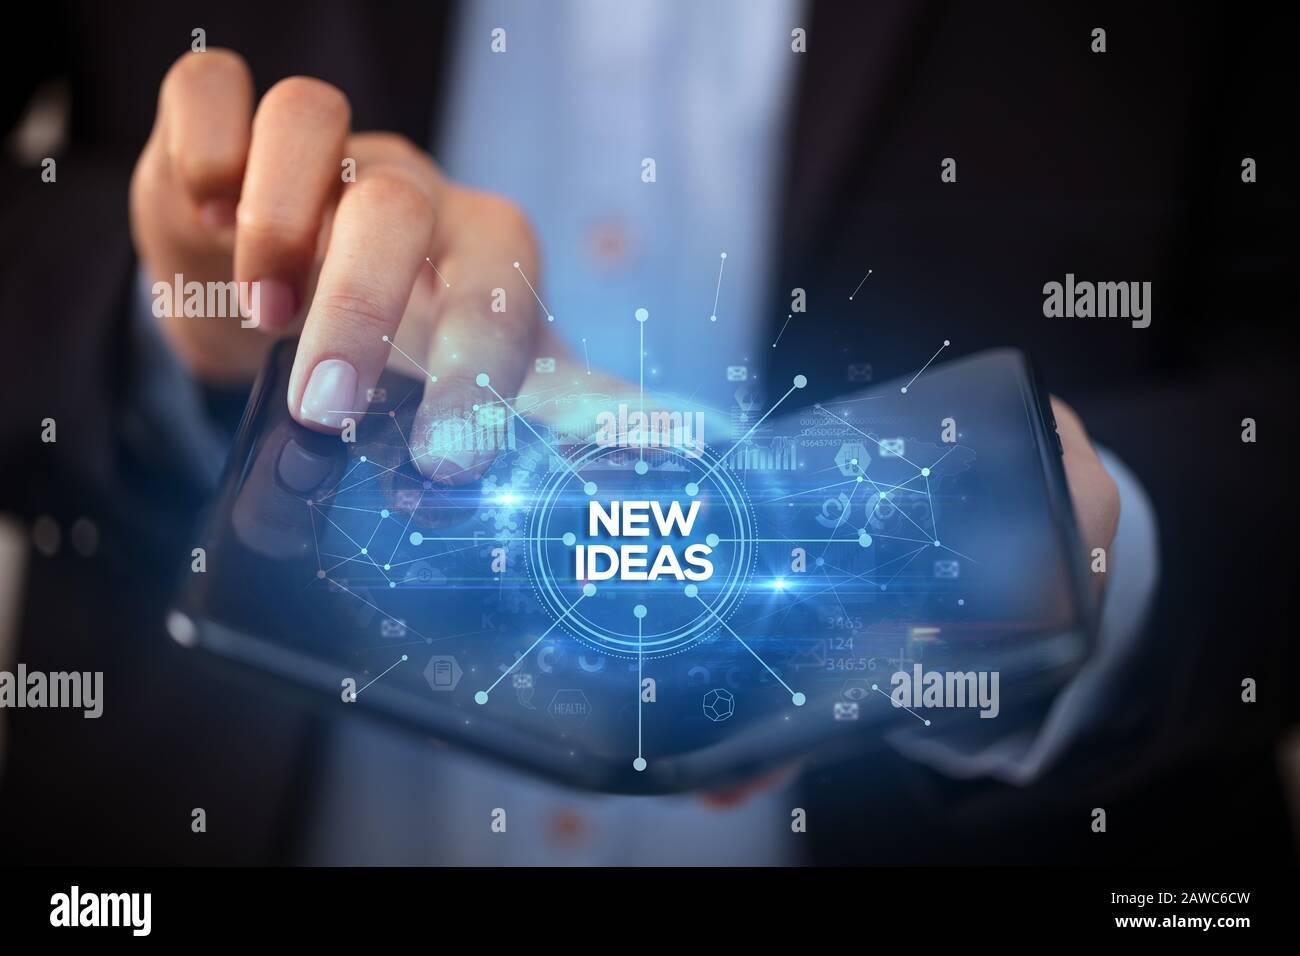 Imprenditore tenendo un smartphone pieghevole con nuove idee iscrizione, nuovo concetto di business Foto Stock